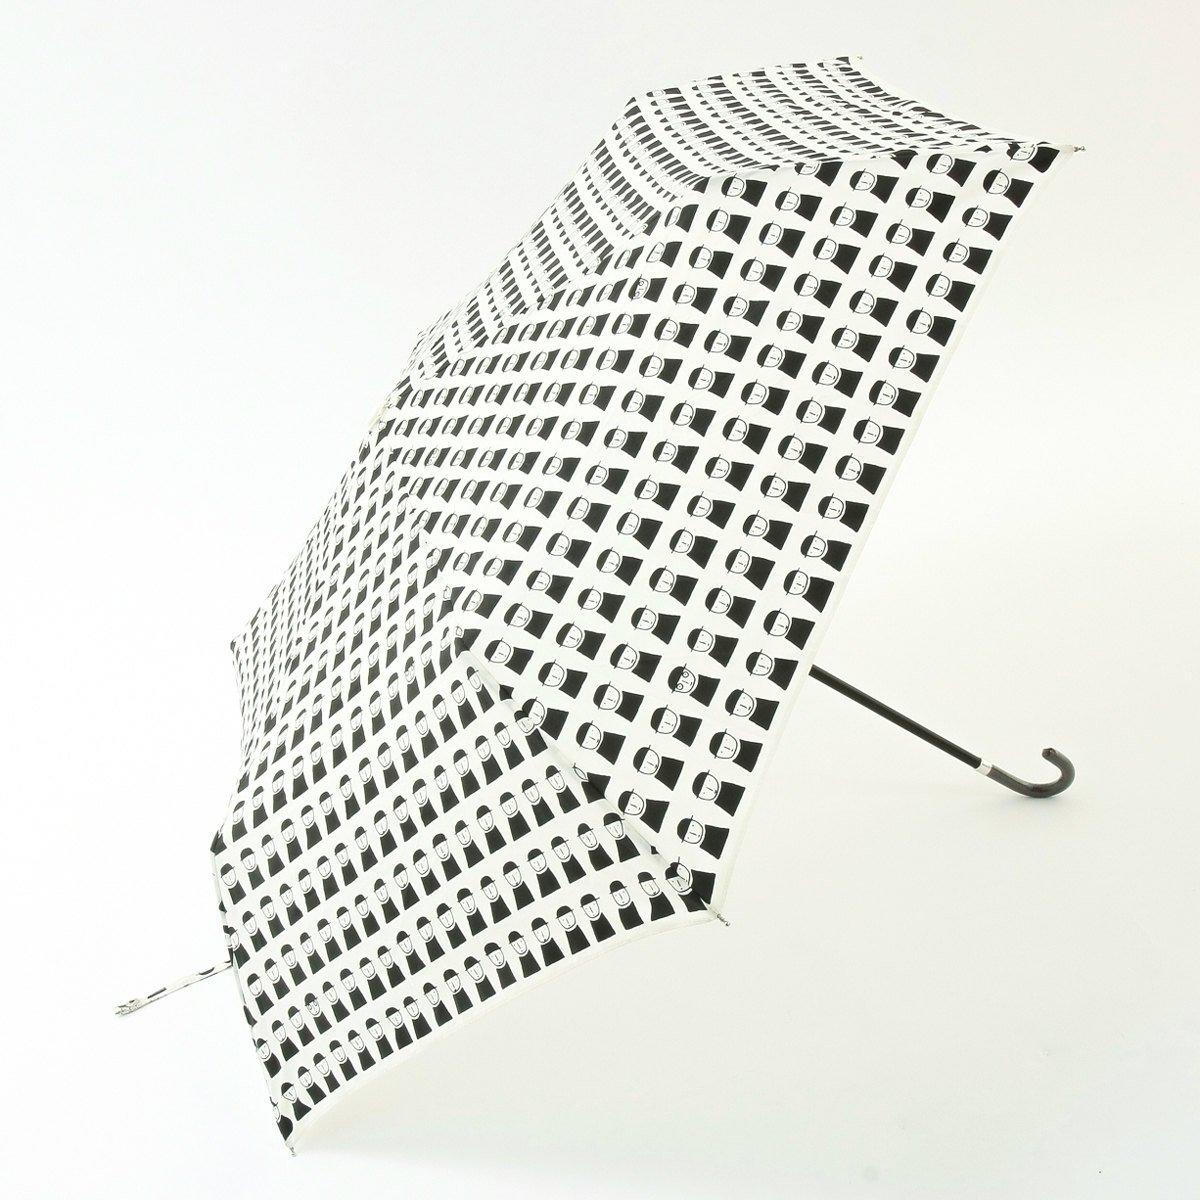 (ピッコーネ アッチェッソーリ) PICONE ACCESSORI 雨用折畳傘 50cm ポリエステル100% 連続司祭柄 683PI421 ブラック B07DK1FYDL ブラック ブラック